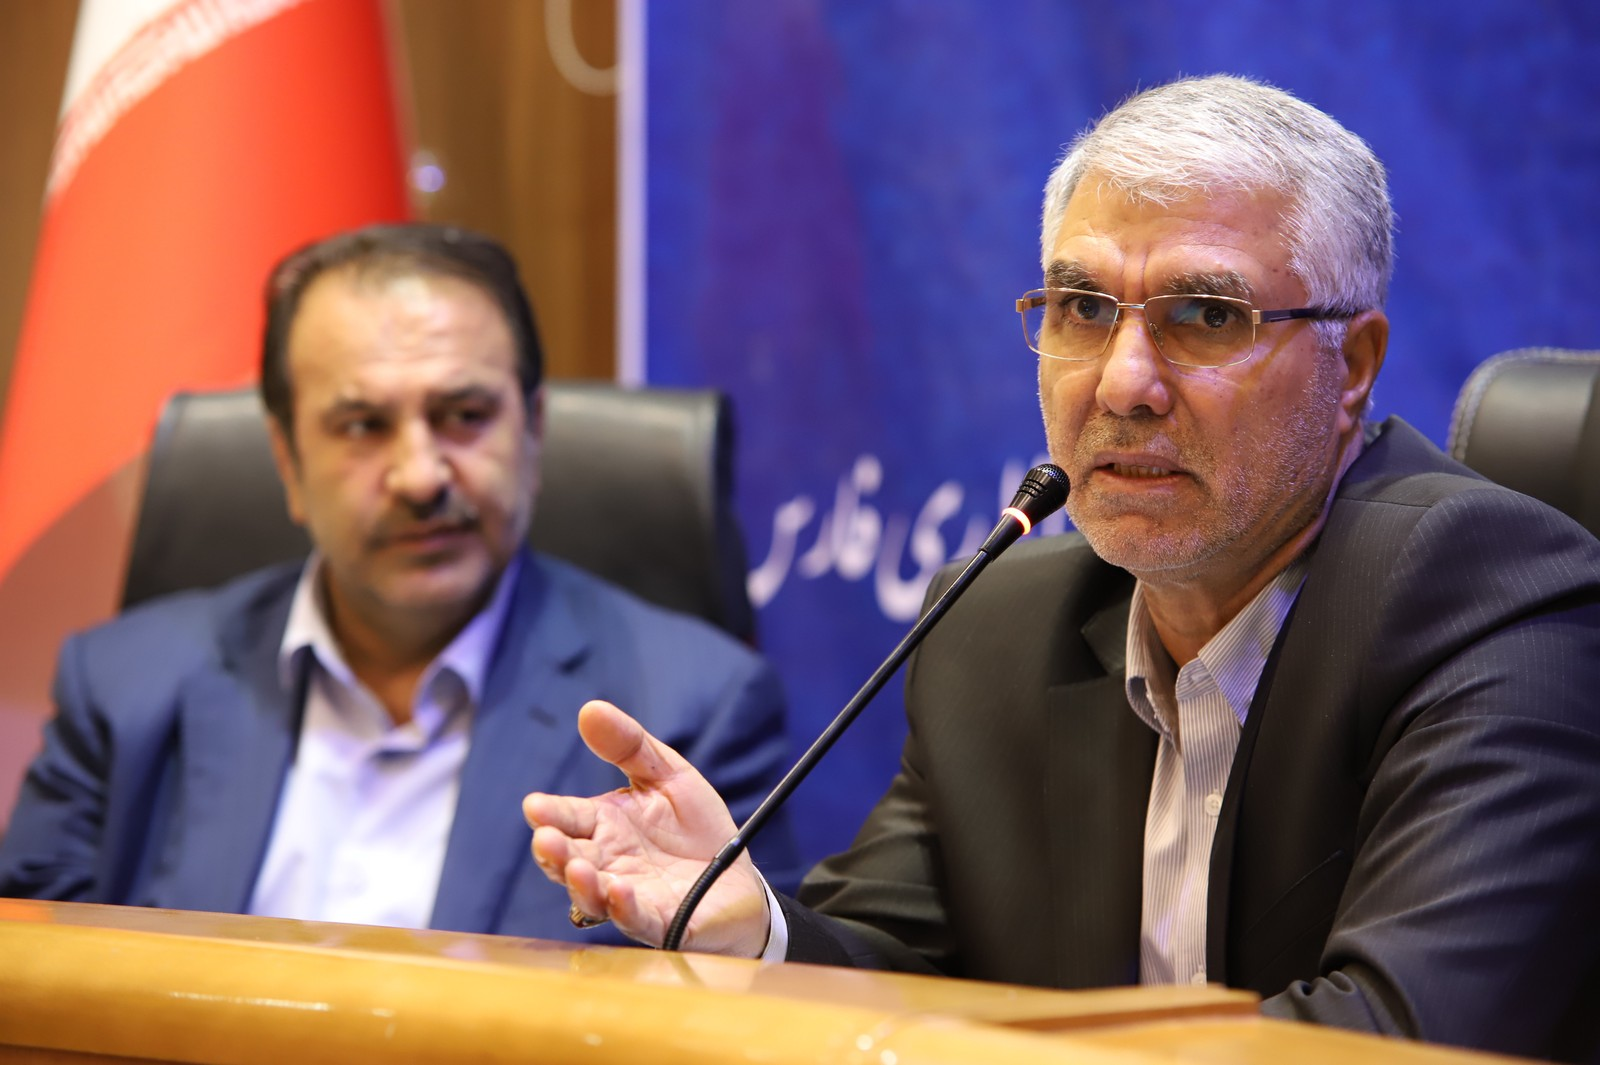 بهره برداری از هزار و 323 پروژه در هفته دولت/ مدیرکل جدید آموزش و پرورش فارس این هفته معرفی می شود/ دست